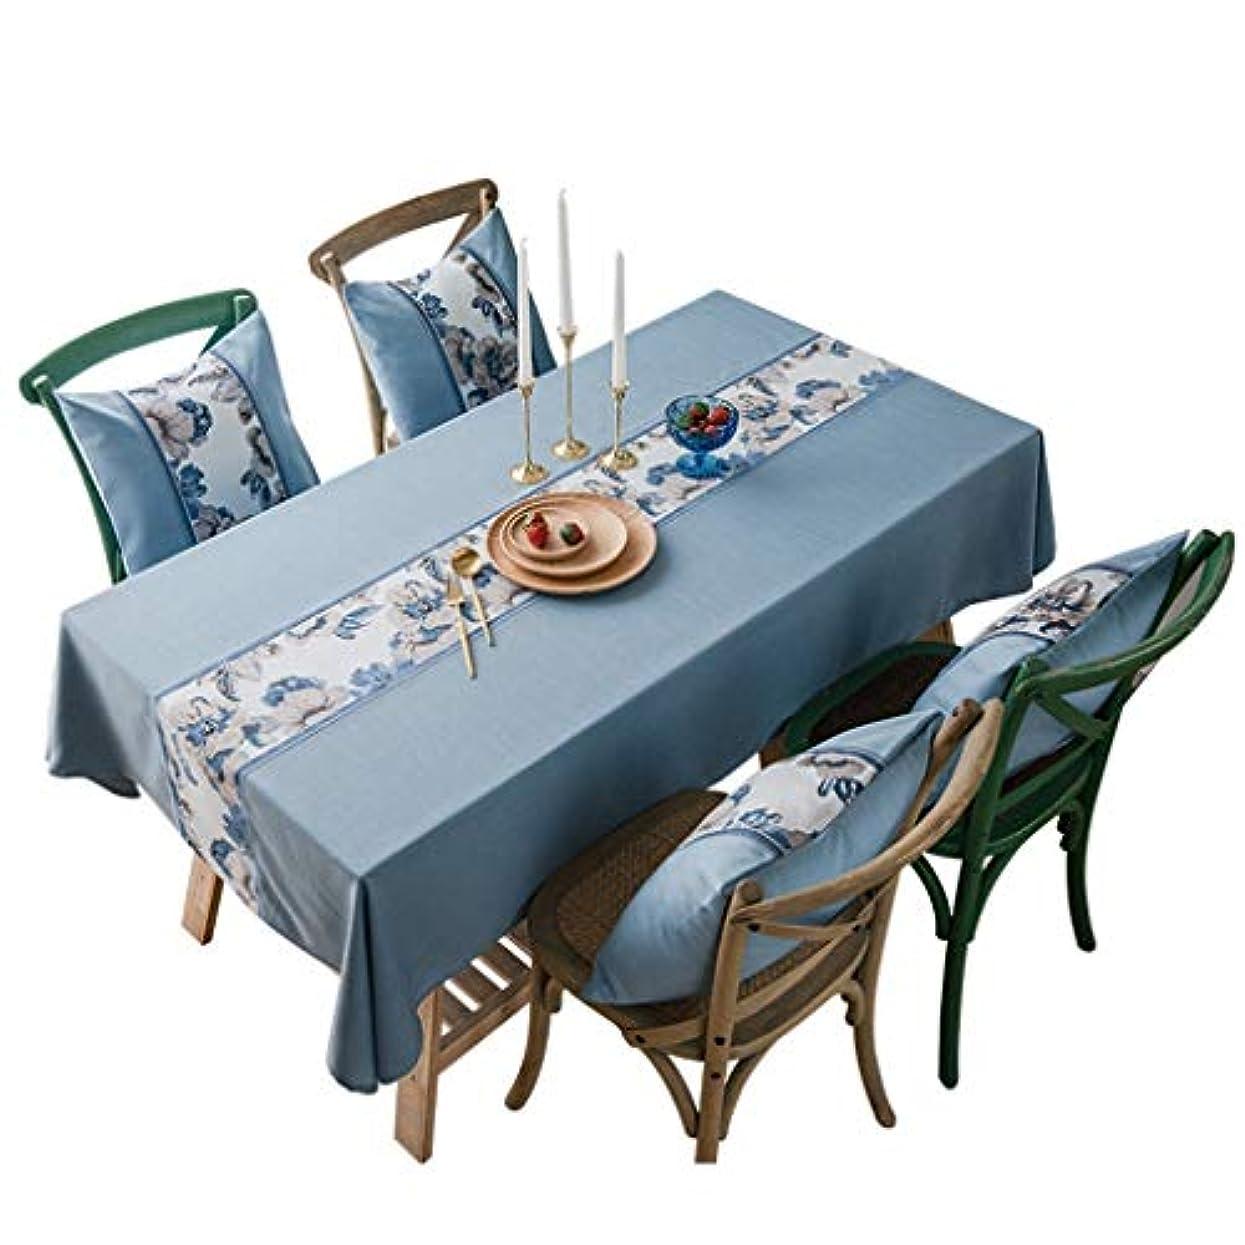 不利益絡み合い怠な布製テーブルクロス 長方形のテーブルクロス、北欧防水刺繍入りブルー、綿と麻、防汚、お手入れが簡単、丈夫、ロマンチックでエレガント、暖かい家 ホリデーギフト (Size : 135*180 cm)